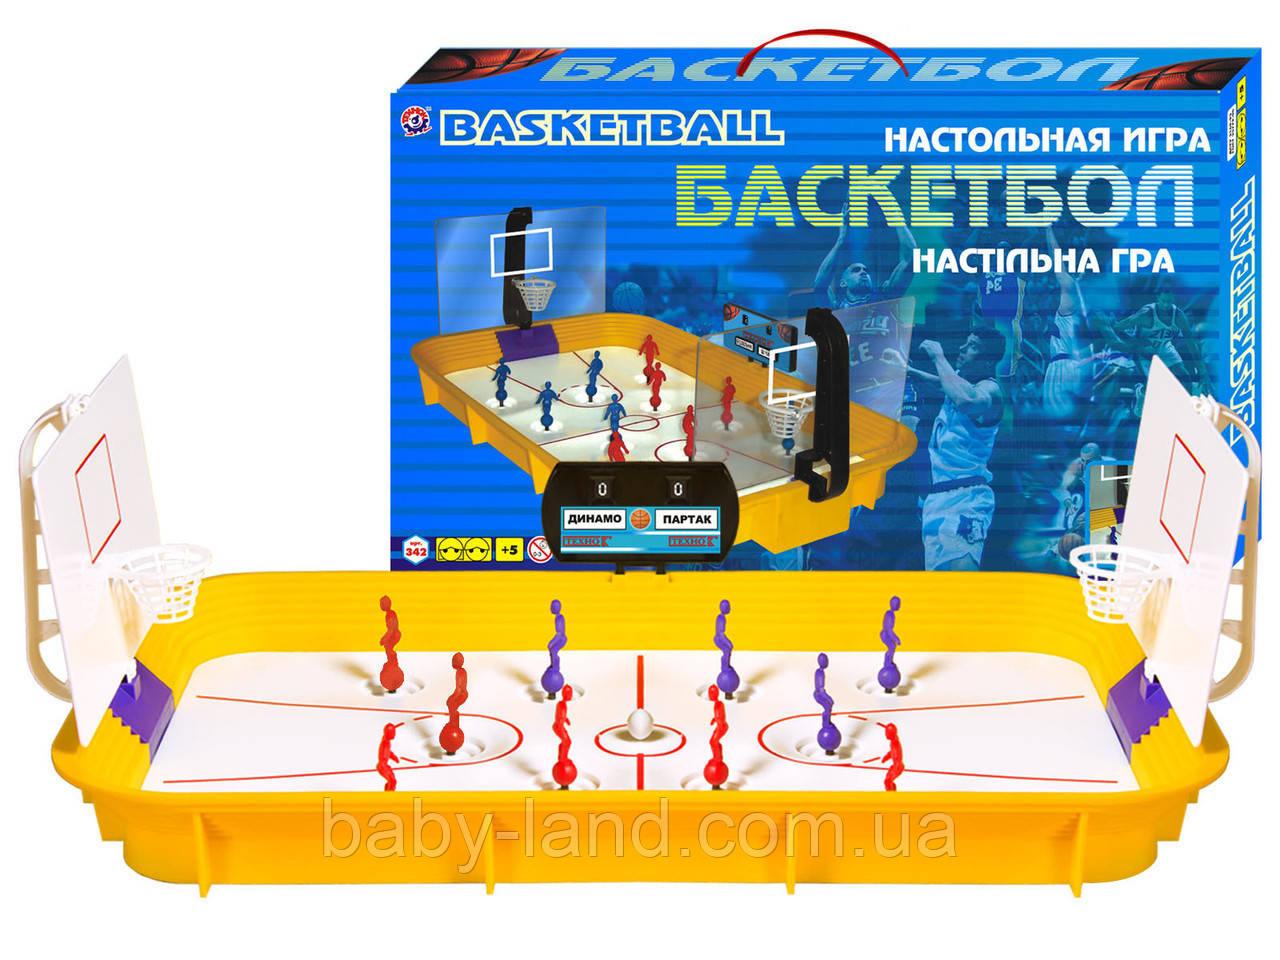 Баскетбол детский настольный игровой набор Технок 0342